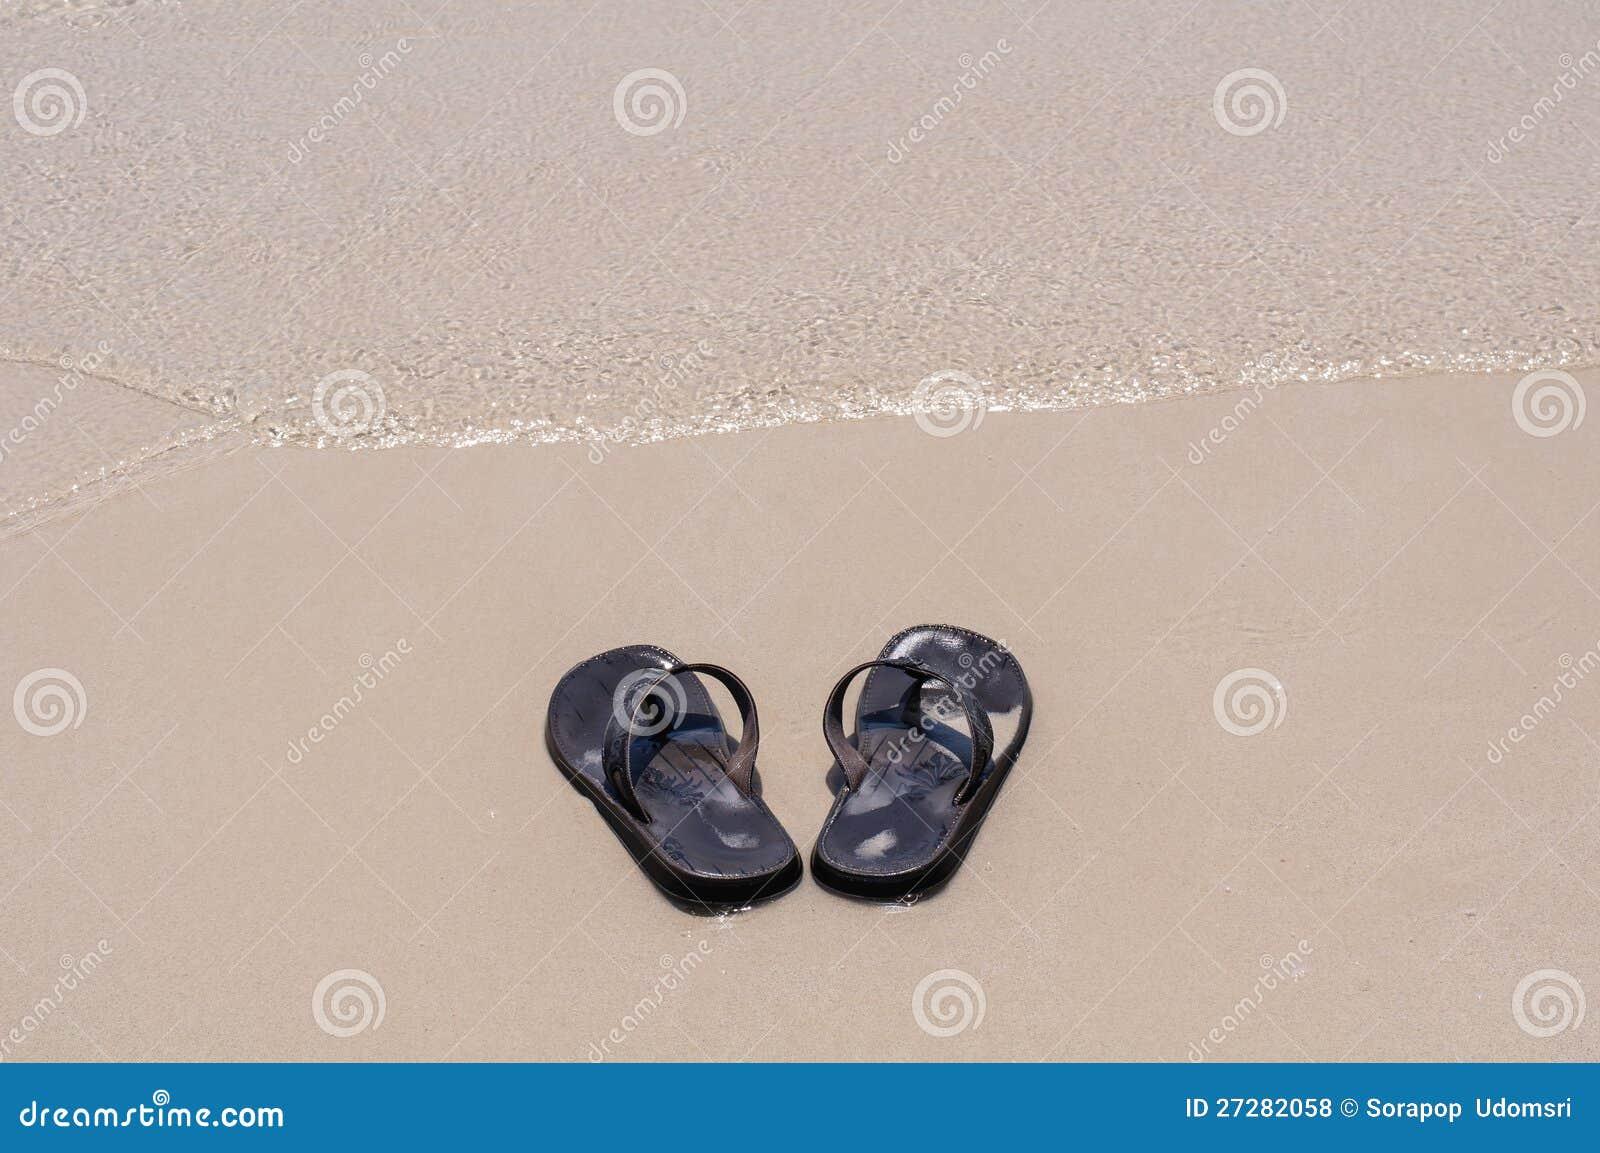 Strandsandals på en sandig strand